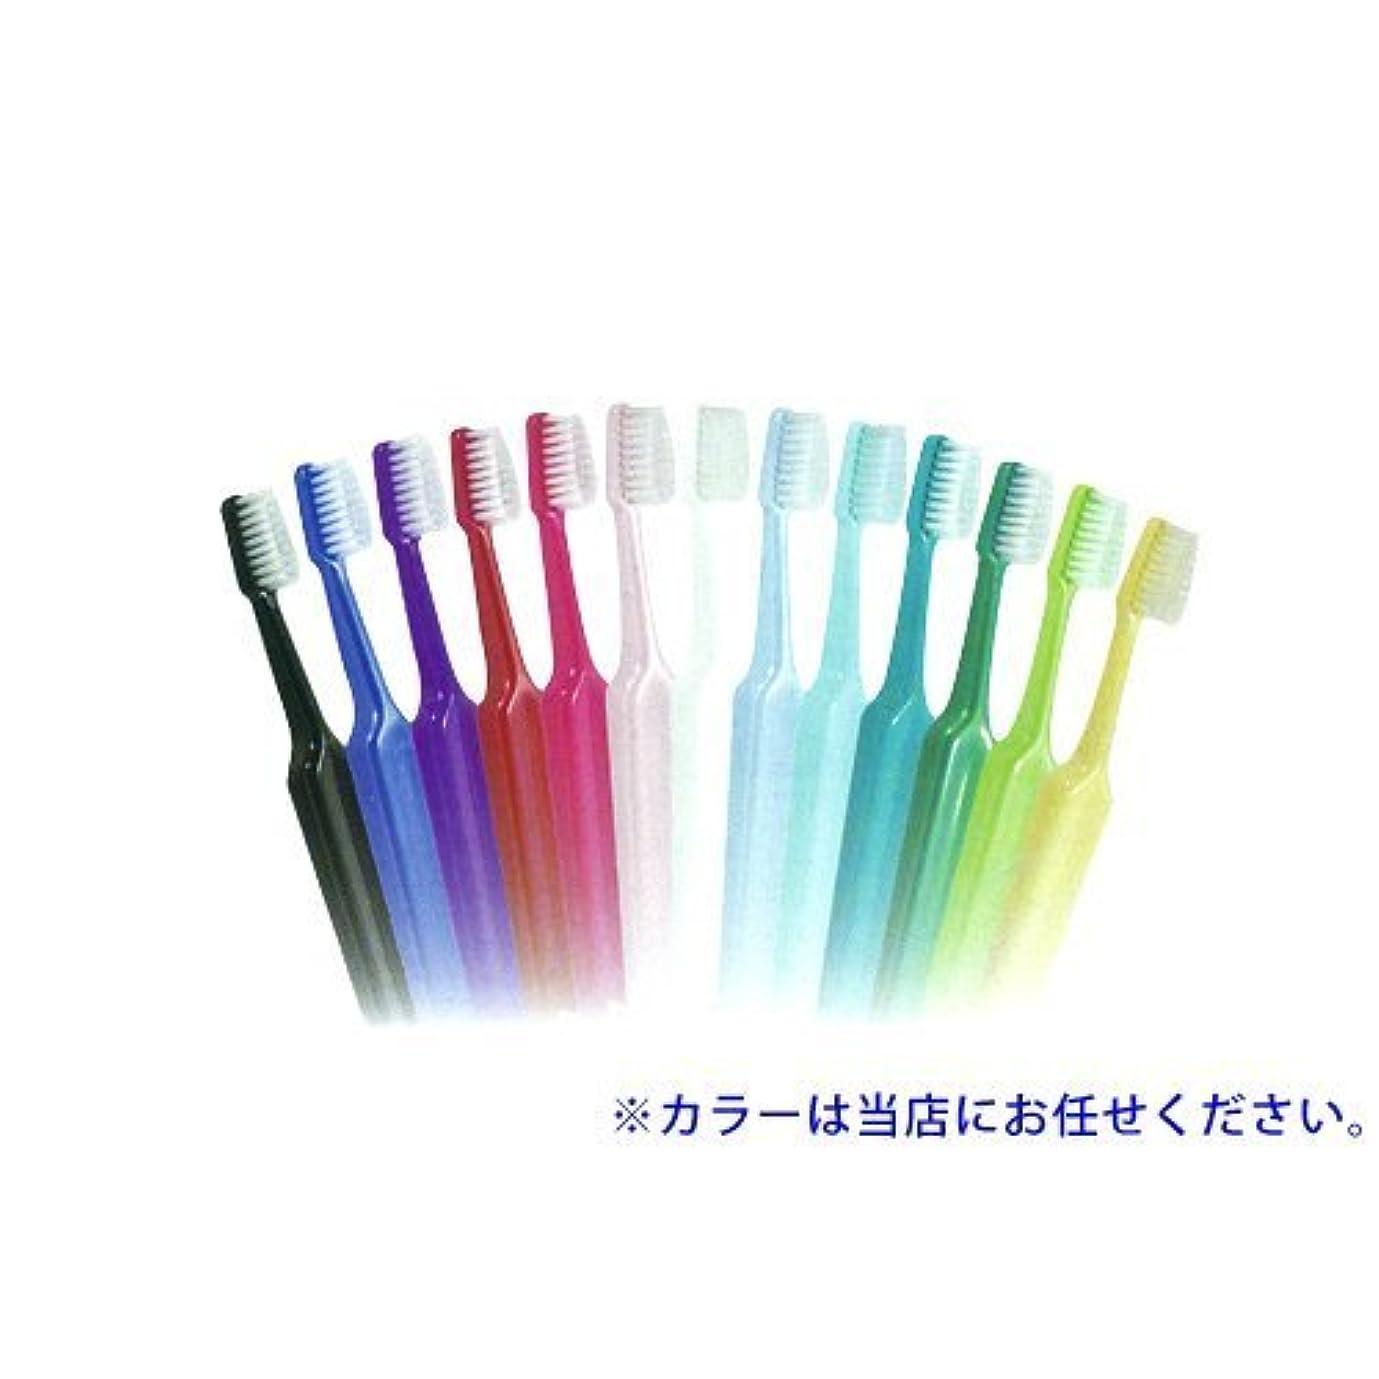 服集中的な飢饉Tepe歯ブラシ セレクトミニ/エクストラソフト 25本/箱